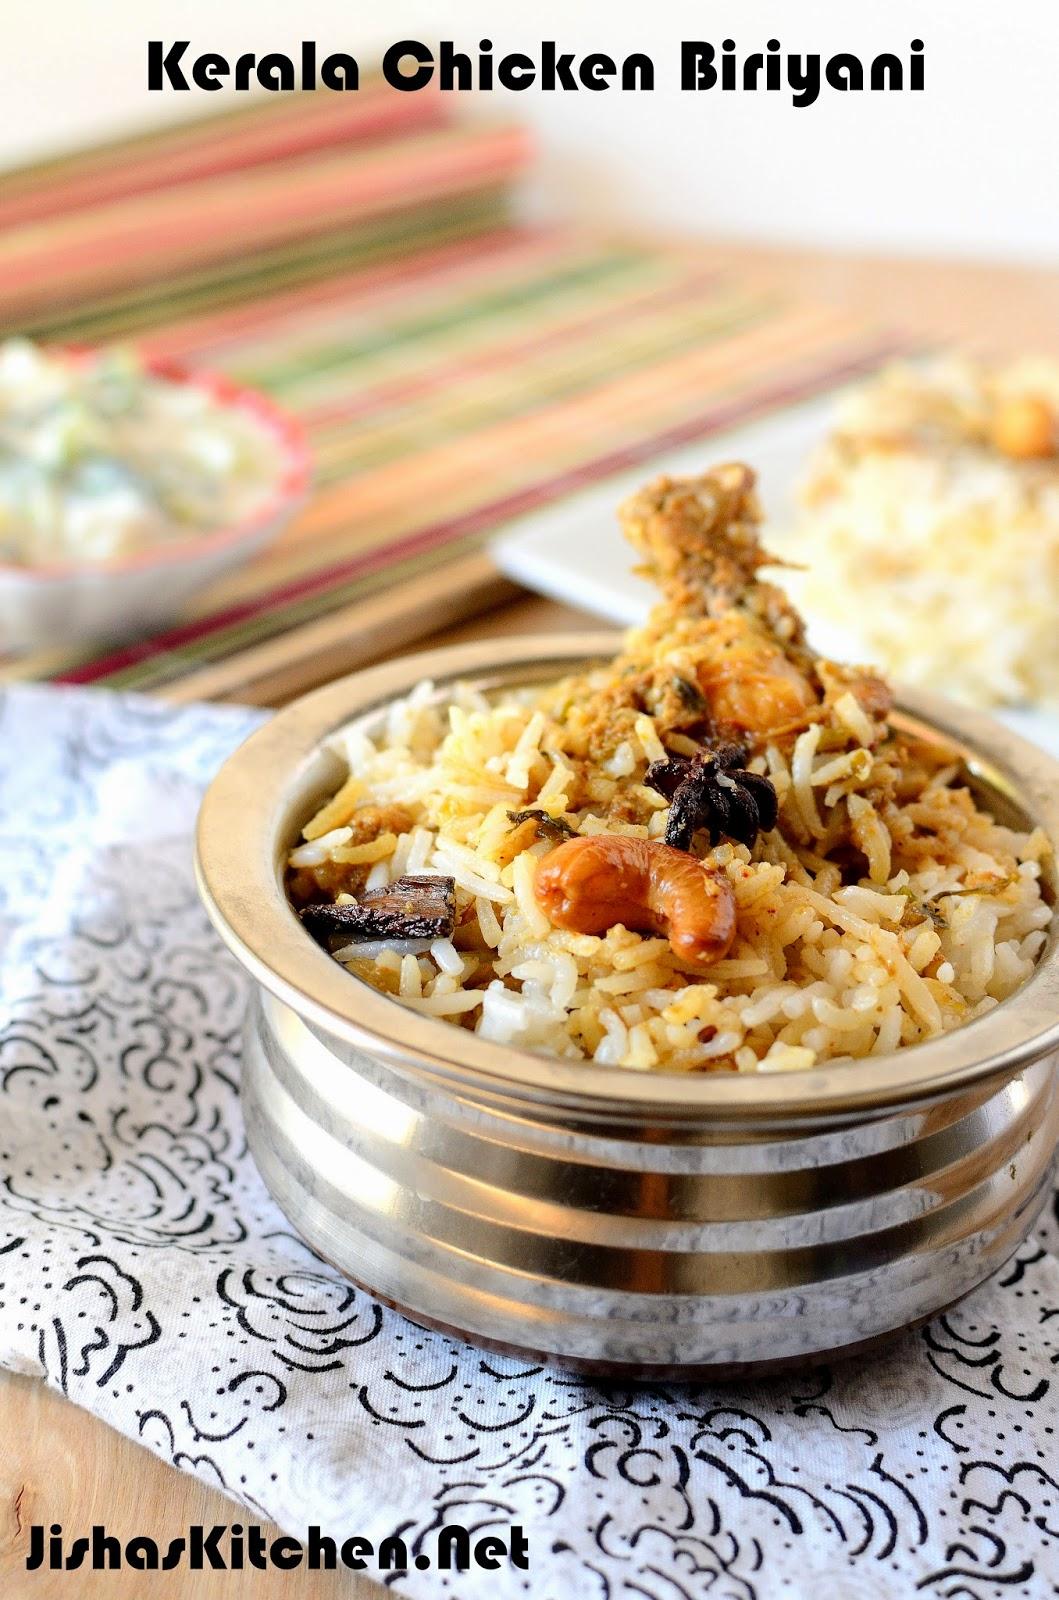 http://www.jishaskitchen.net/2014/10/kerala-chicken-biriyani.html#more